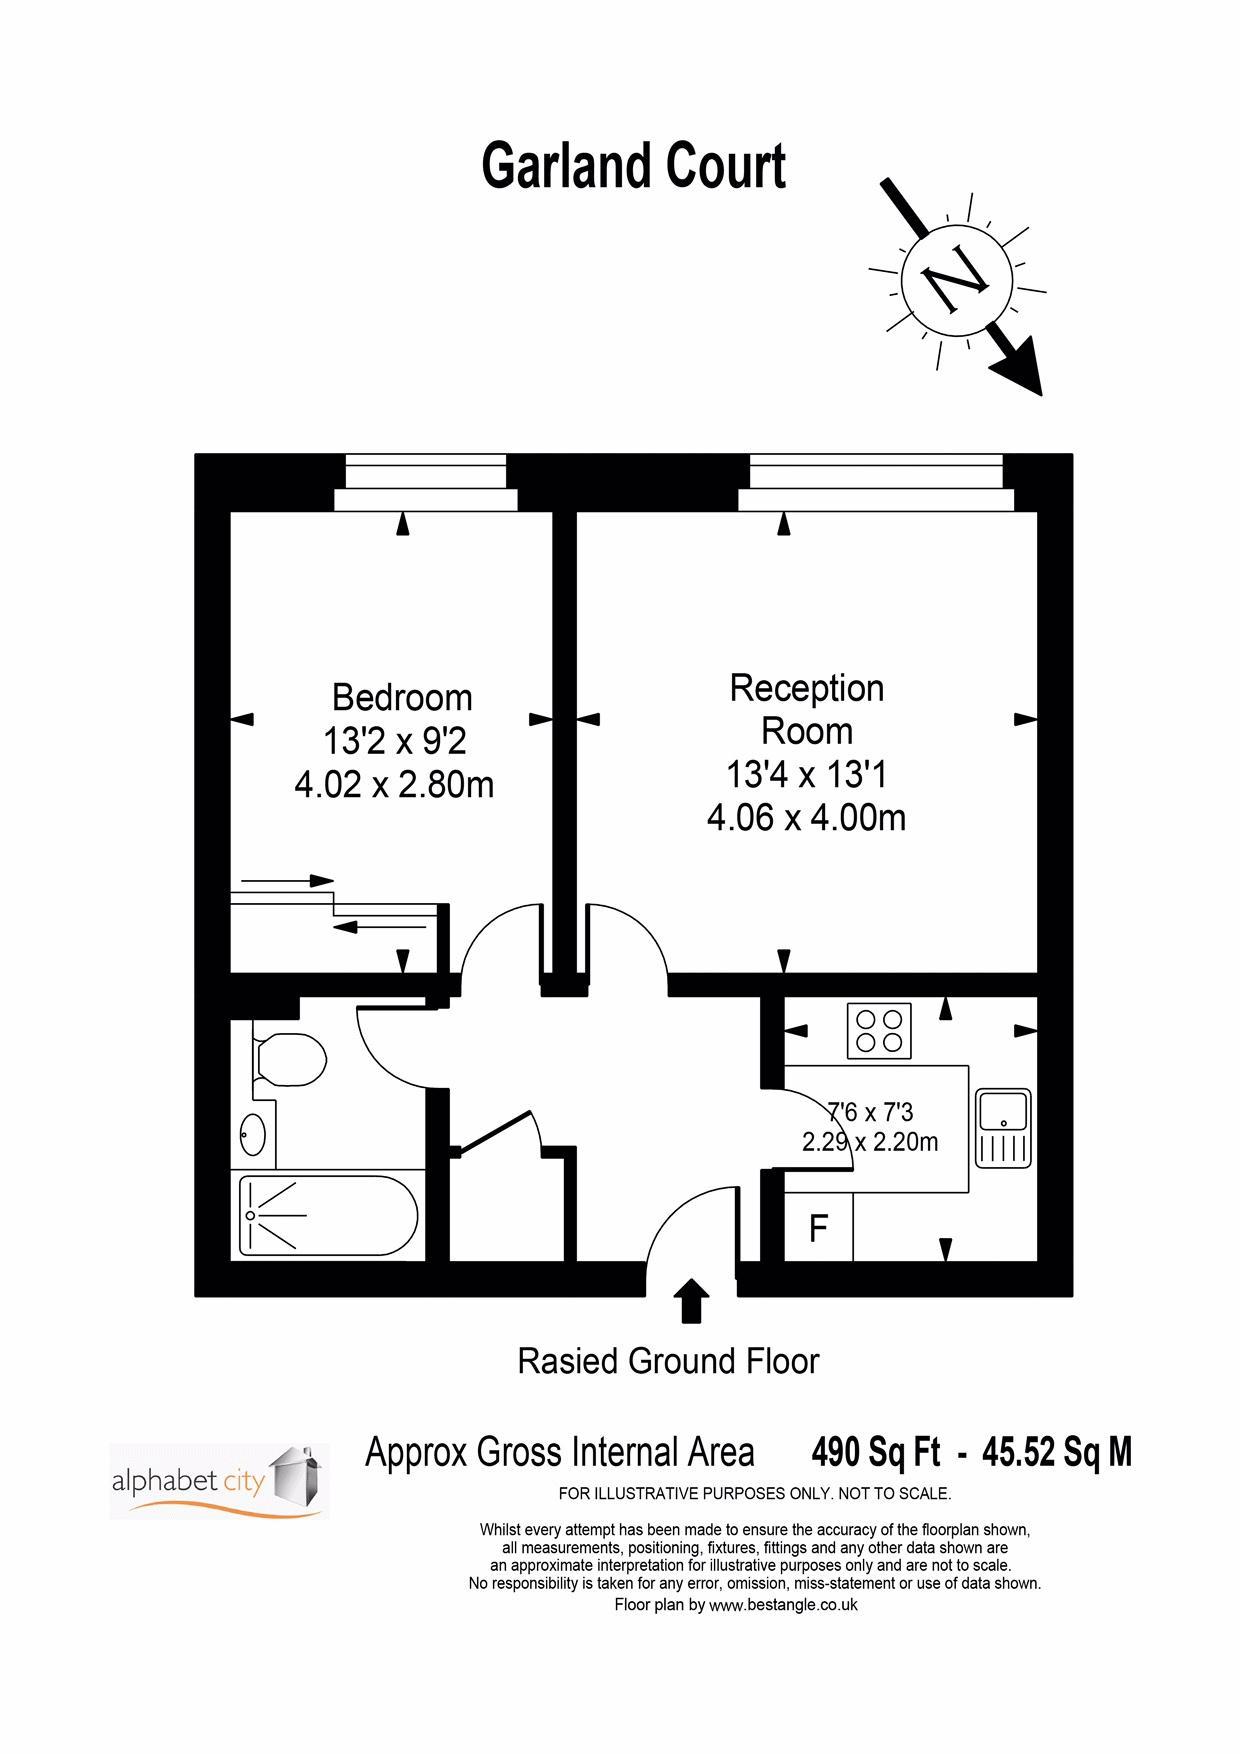 Garland 3 Floor plan